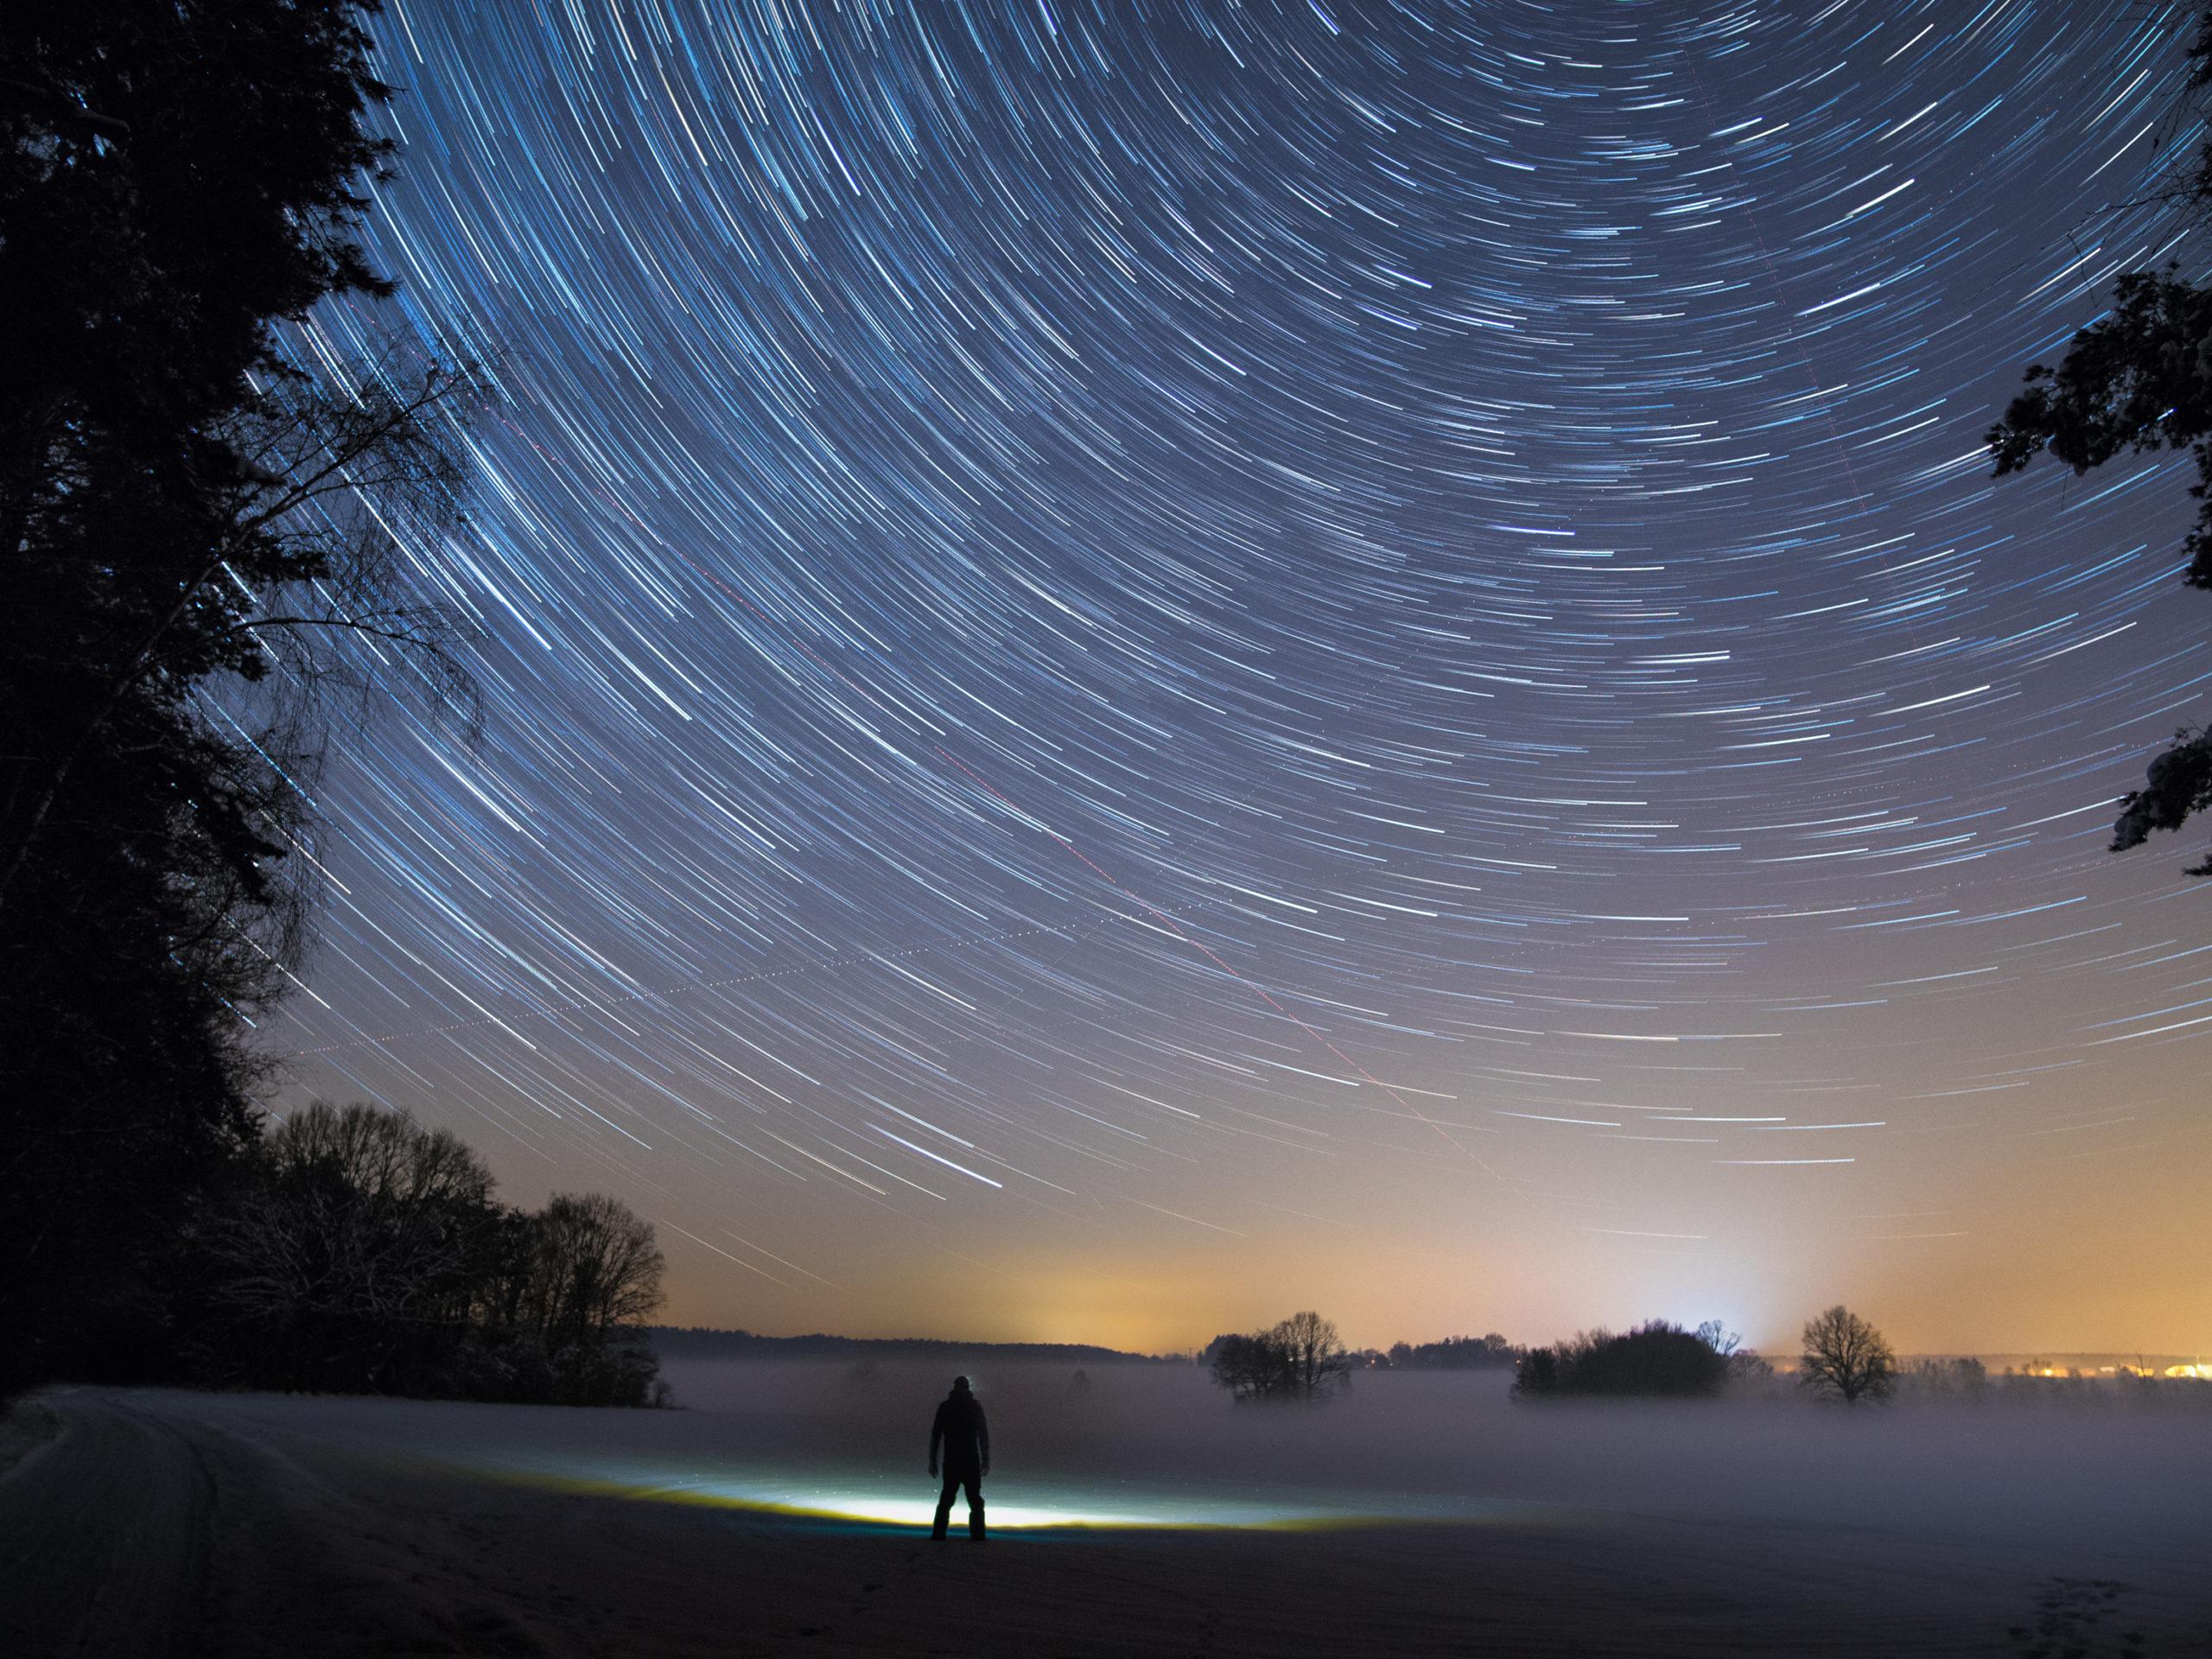 Weisheit, Pierre Teilhard de Chardin zu Spiritualität